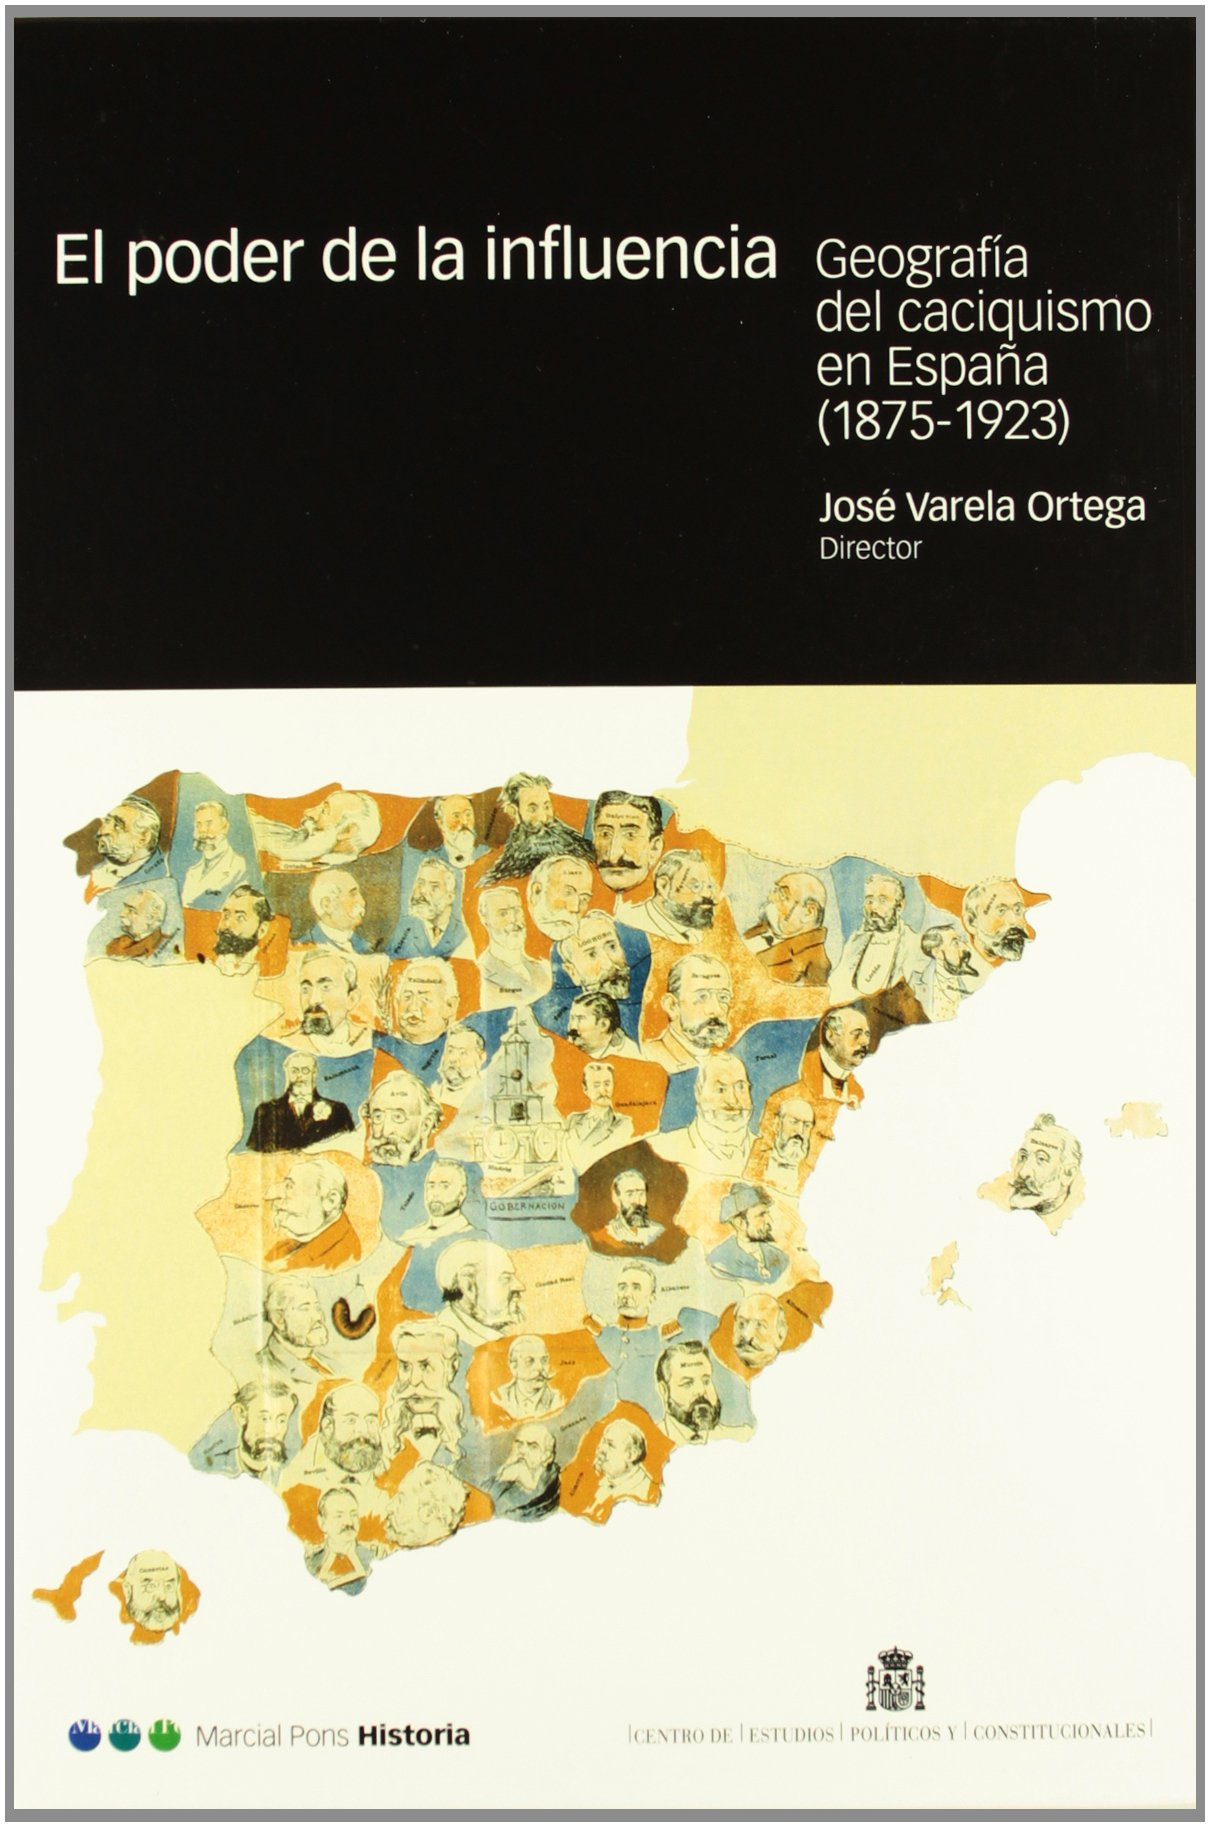 PODER DE LA INFLUENCIA, EL: Geografía y caciquismo en España: 4 Coediciones: Amazon.es: Varela Ortega, José: Libros